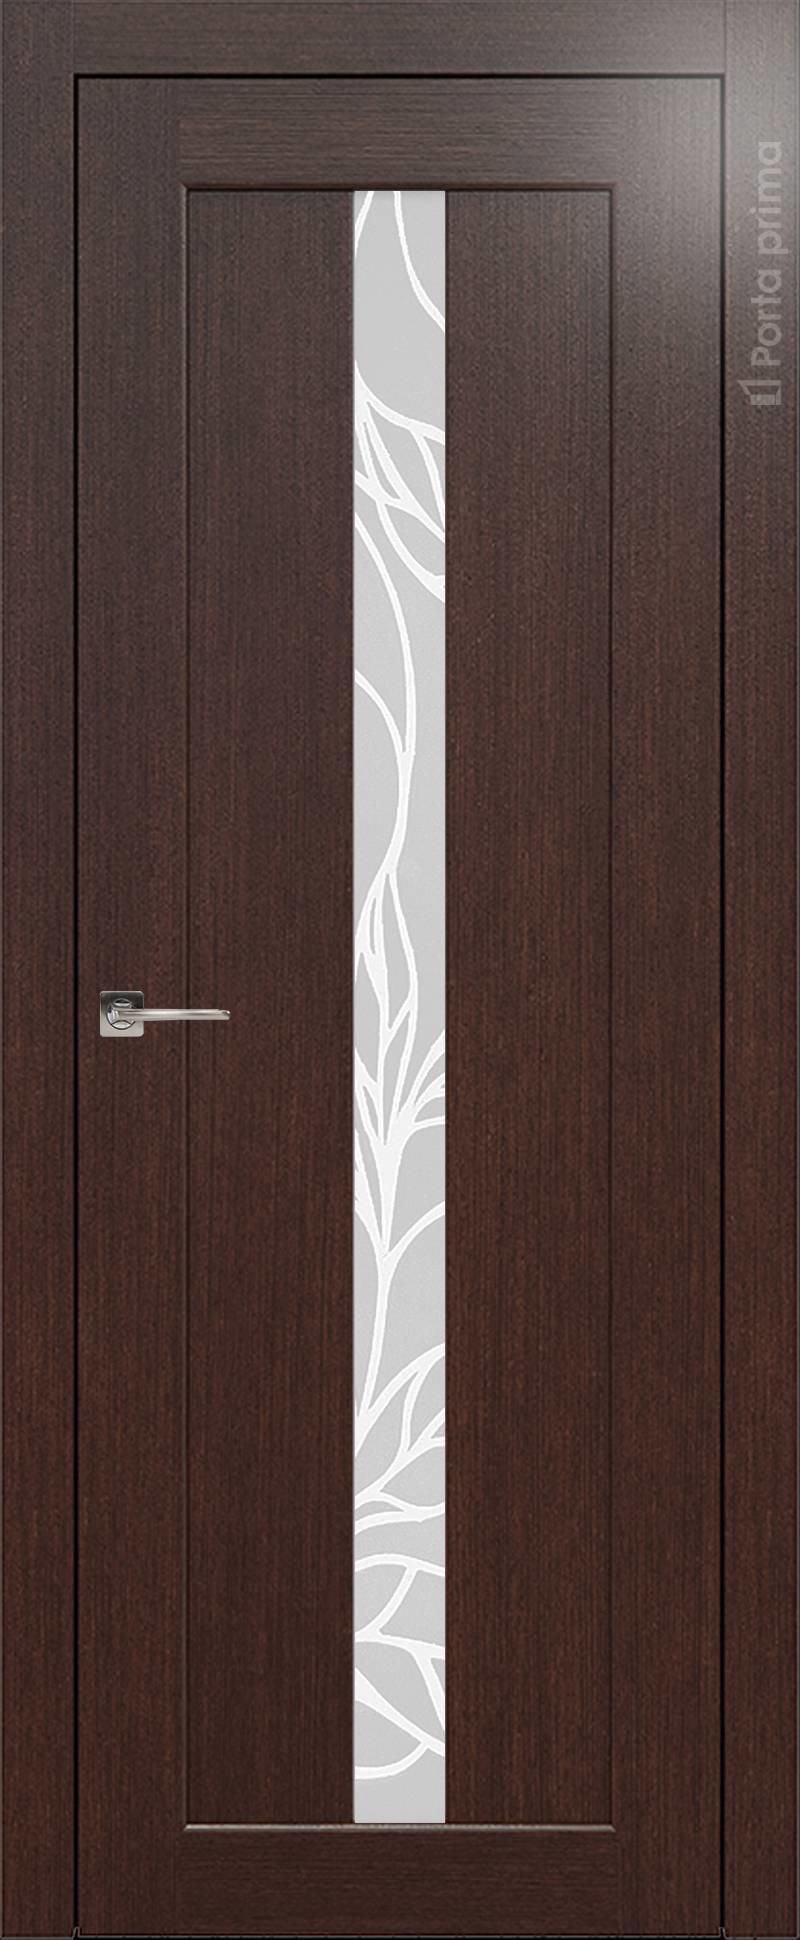 Pianta цвет - Венге Без стекла (ДГ)